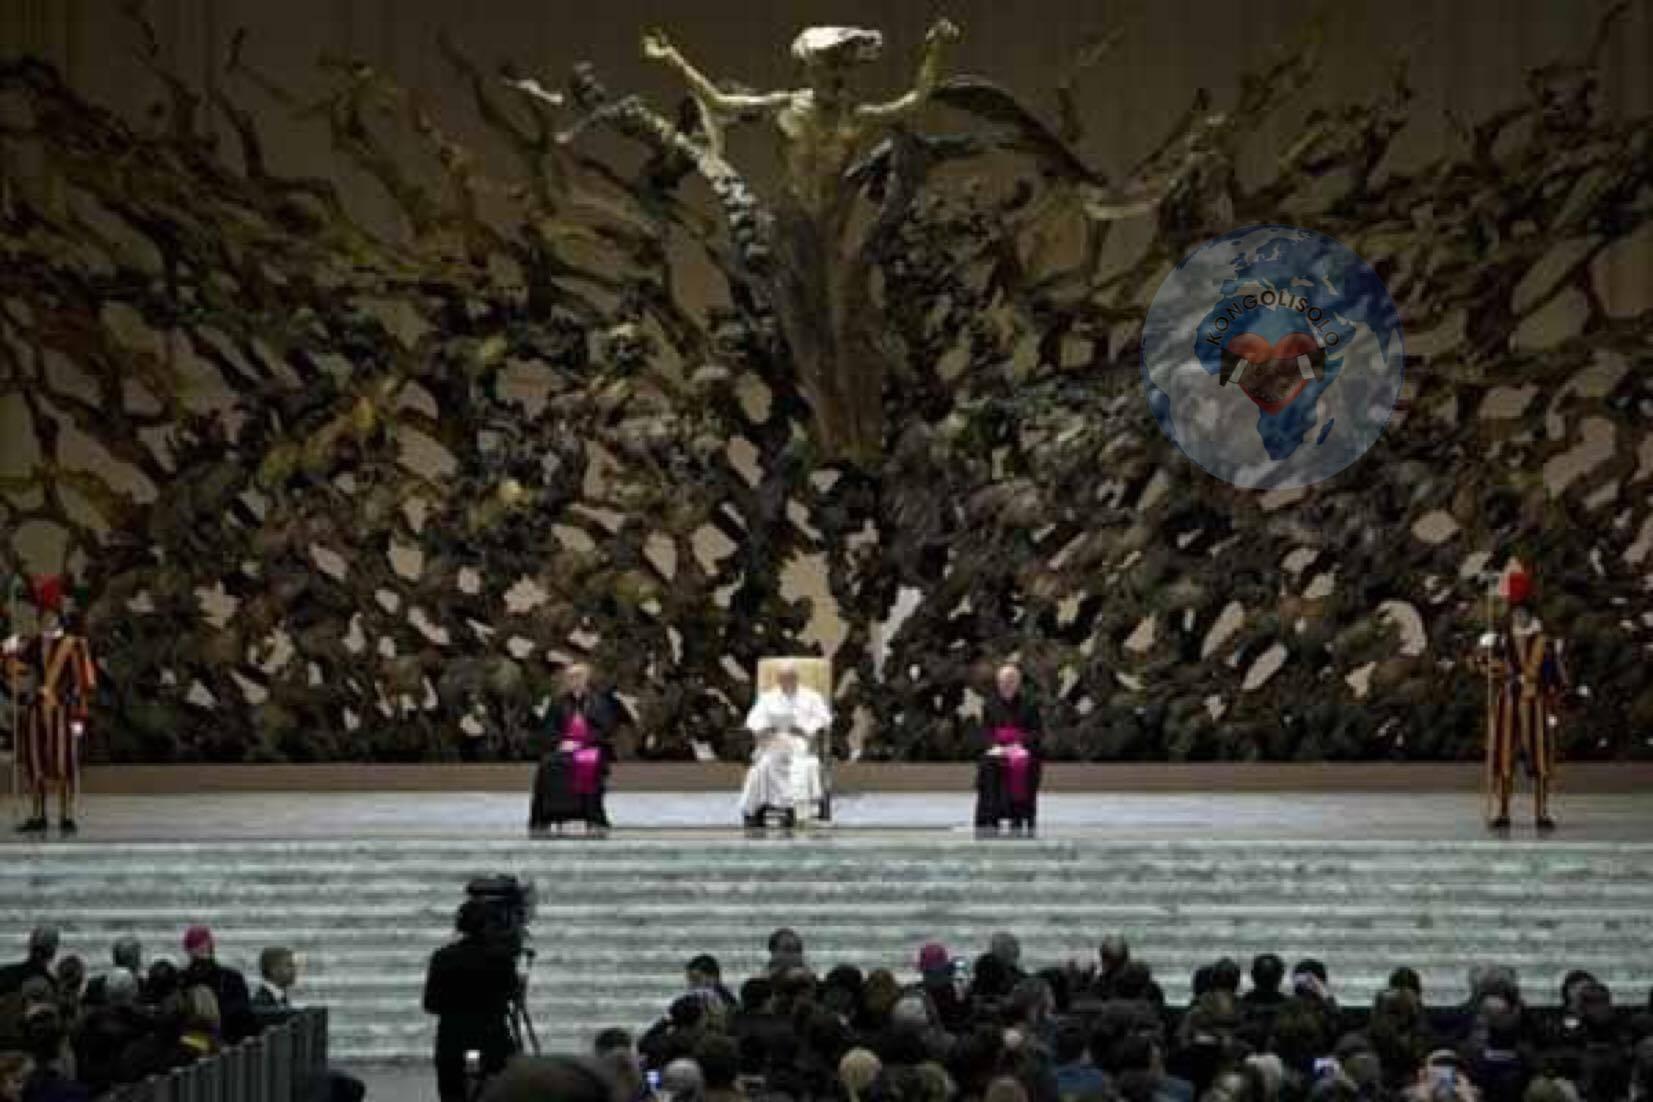 Le pape François déclare que Lucifer (Satan) est Dieu et il a également déclaré que L'ENFER n'existe pas et il a fait des gestes attestant son appartenance à la franc-maçonnerie ... (VIDÉO)